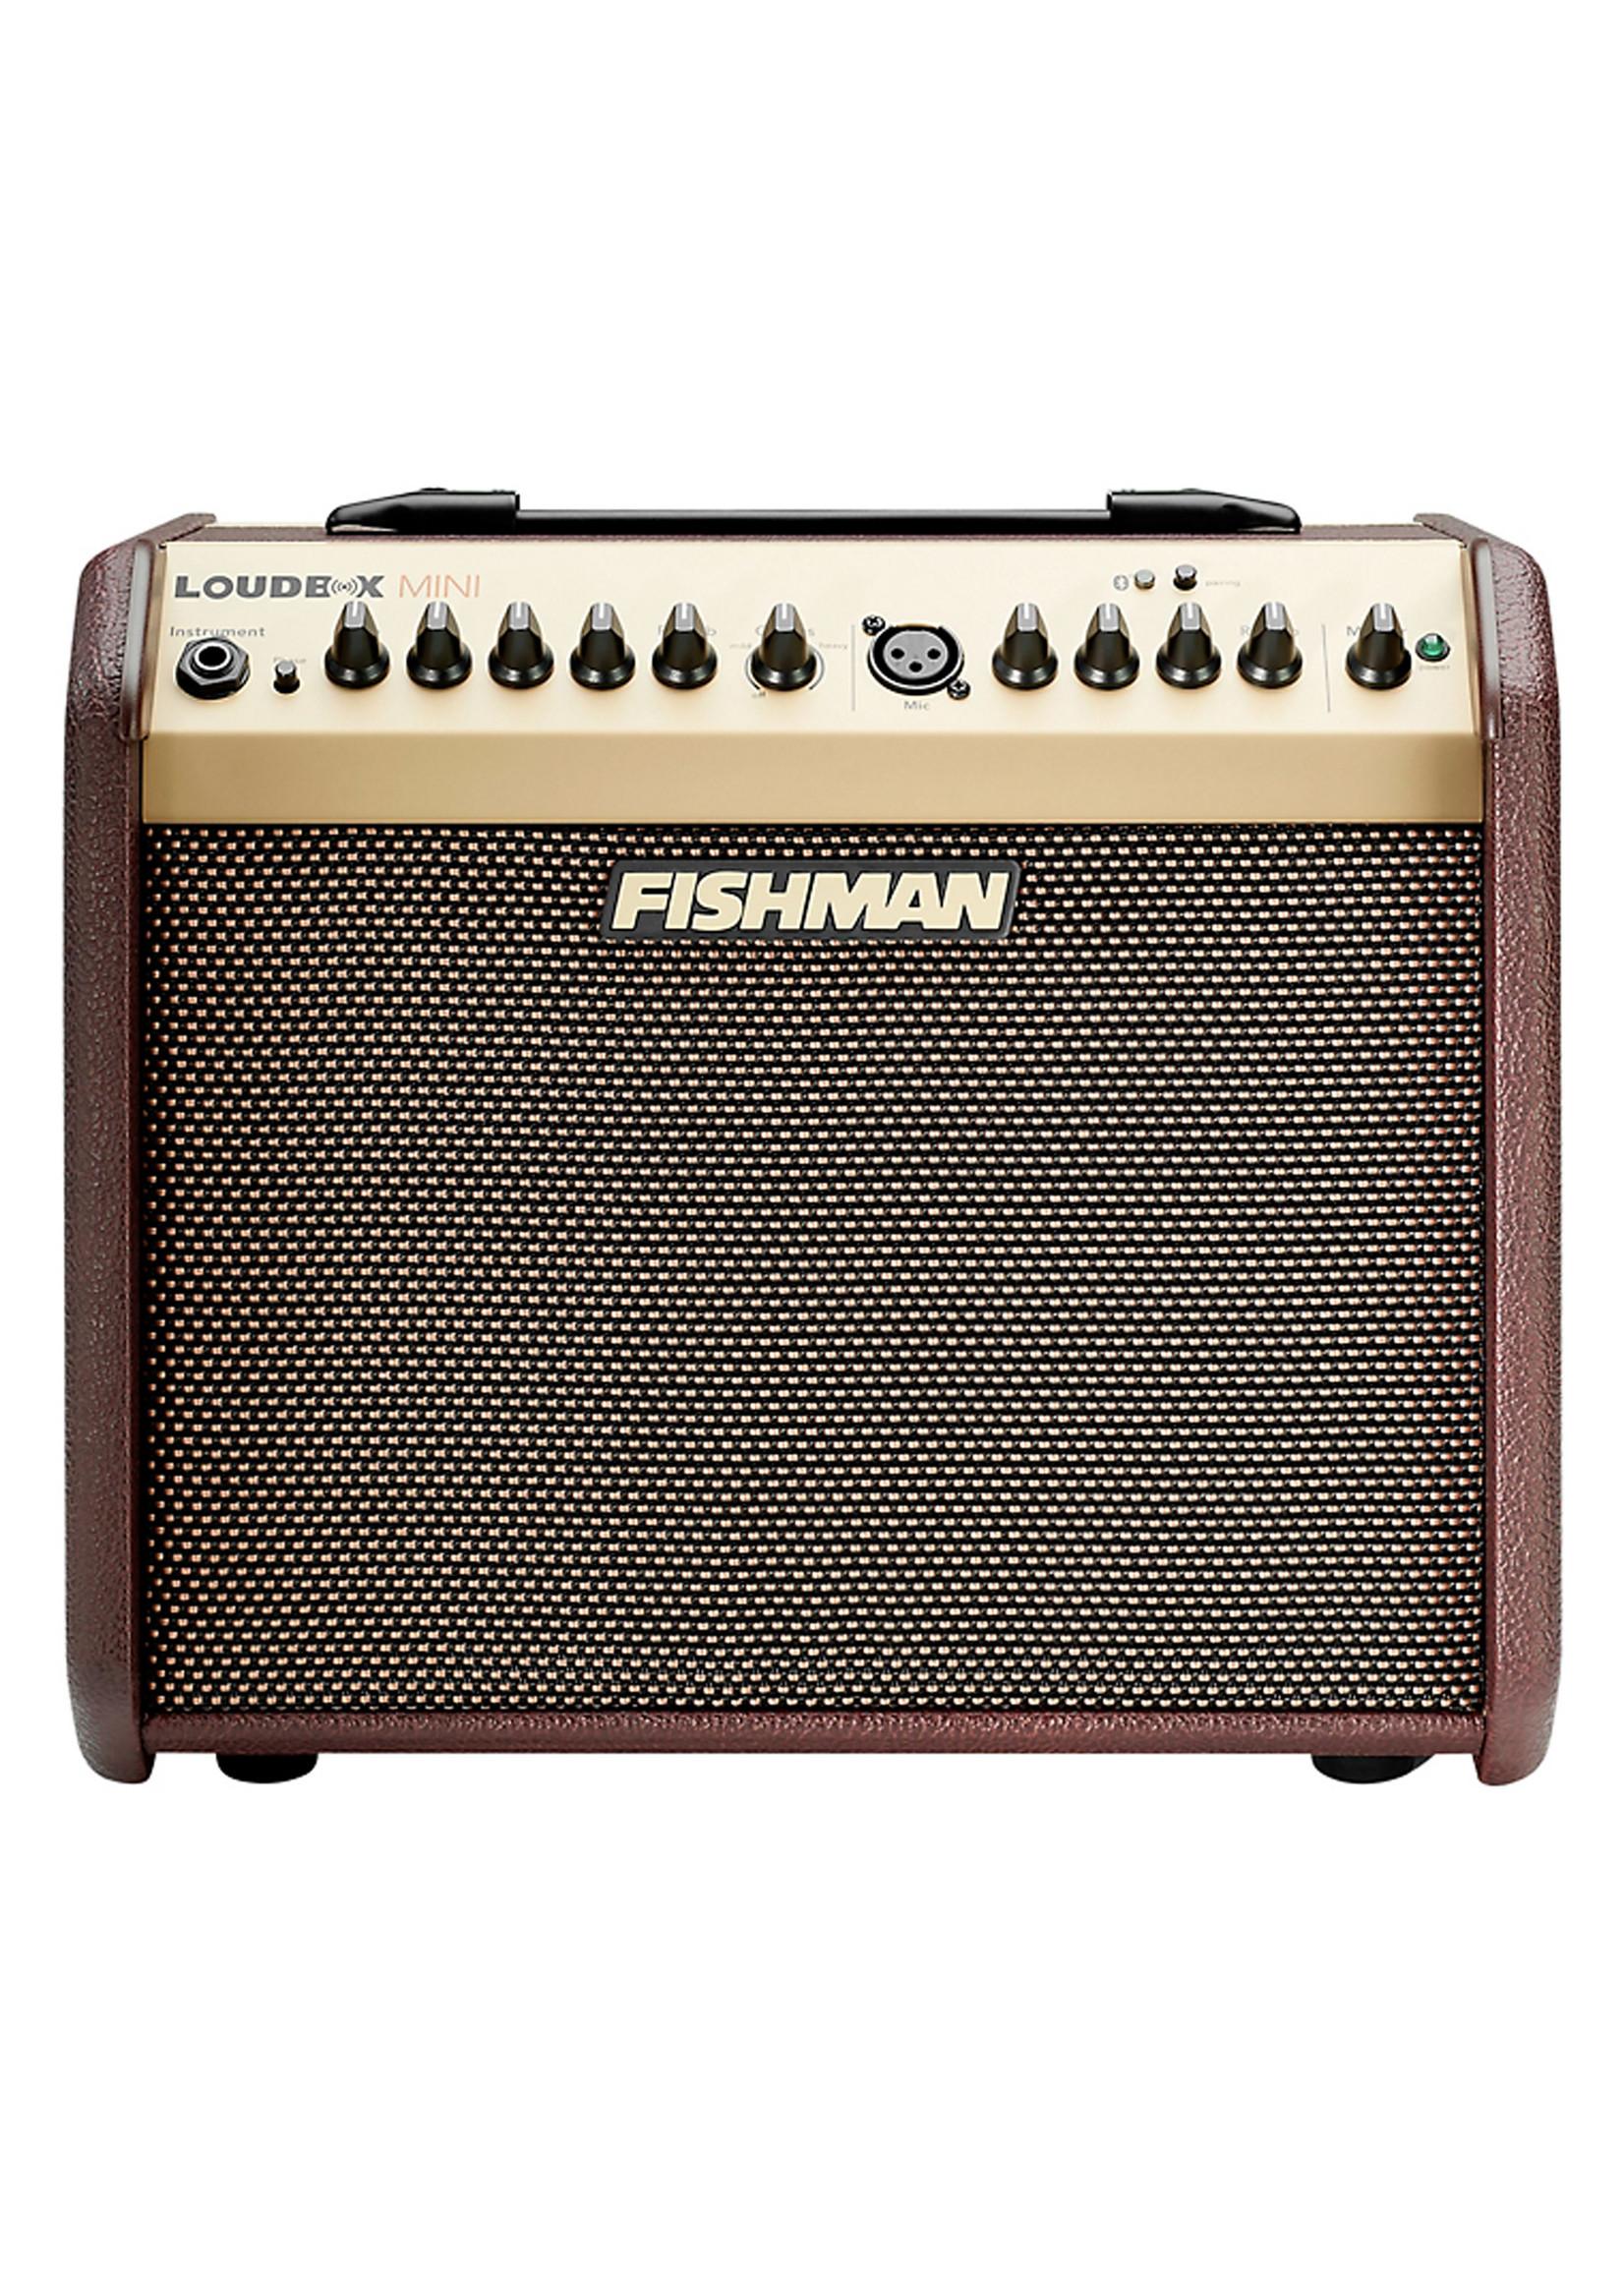 Fishman Loudbox Mini + Bluetooth